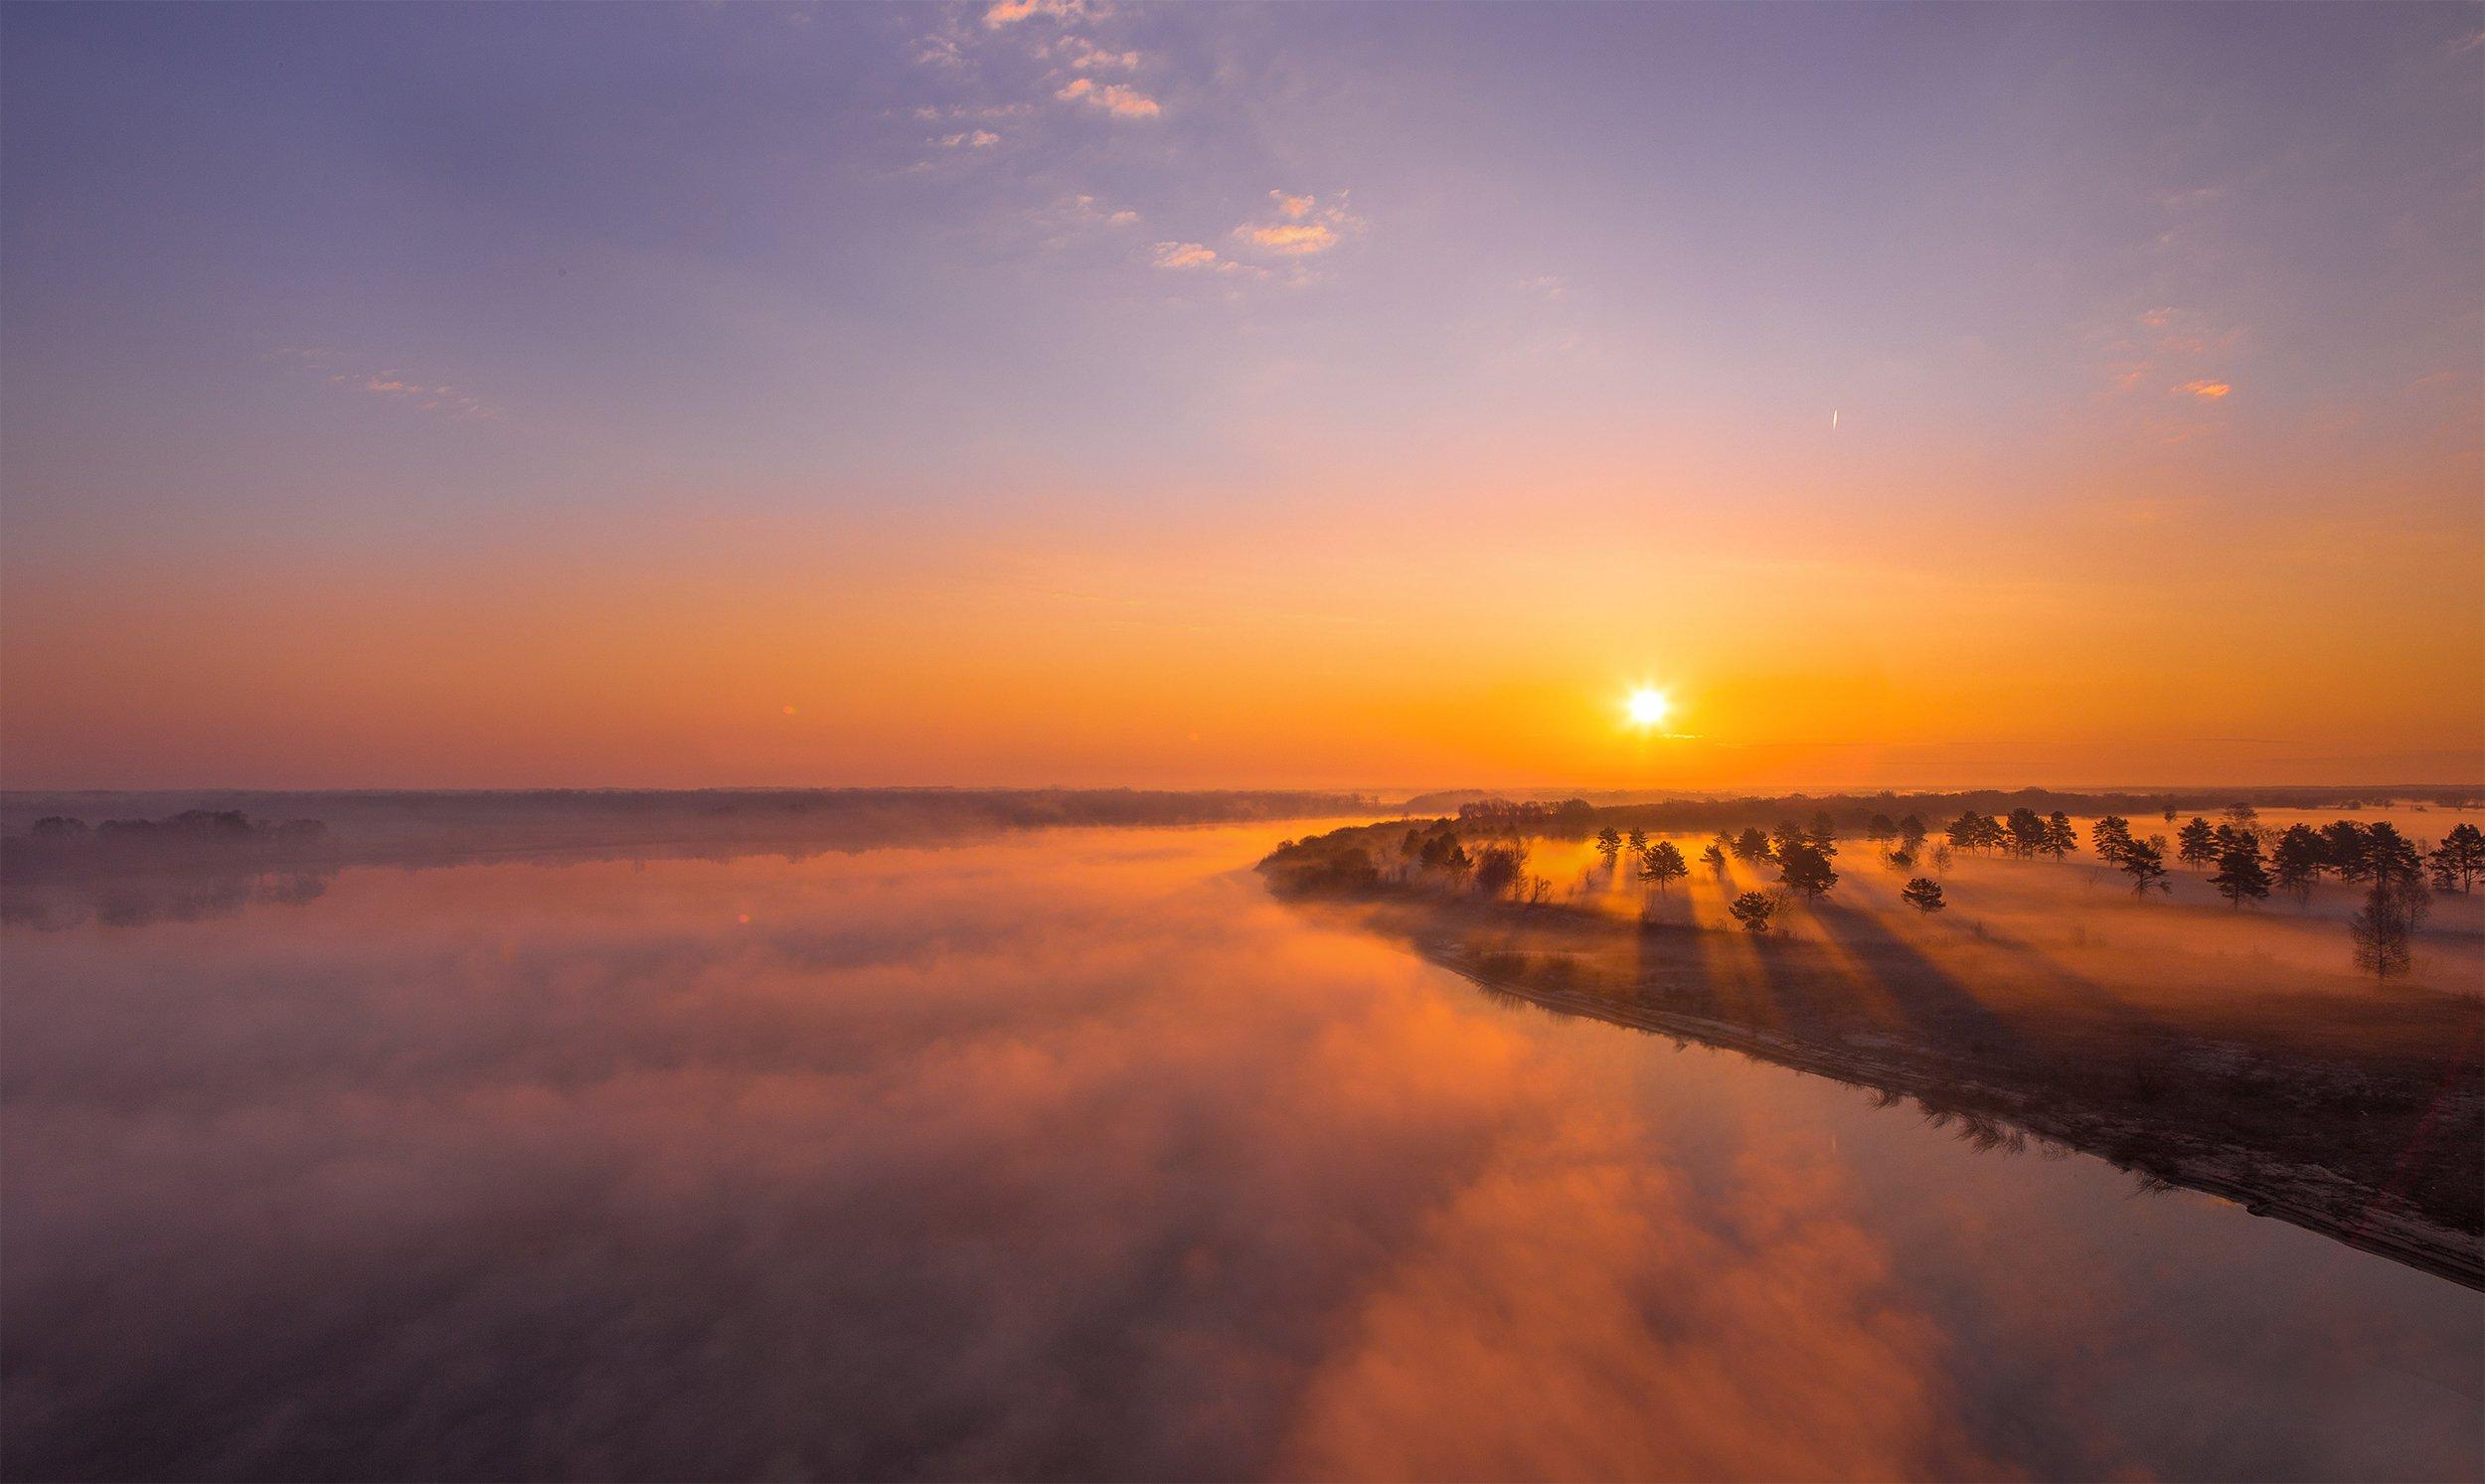 муром, россия, рассвет, туман, Владимирская область, Нижегородская область, Воробьёв Евгений